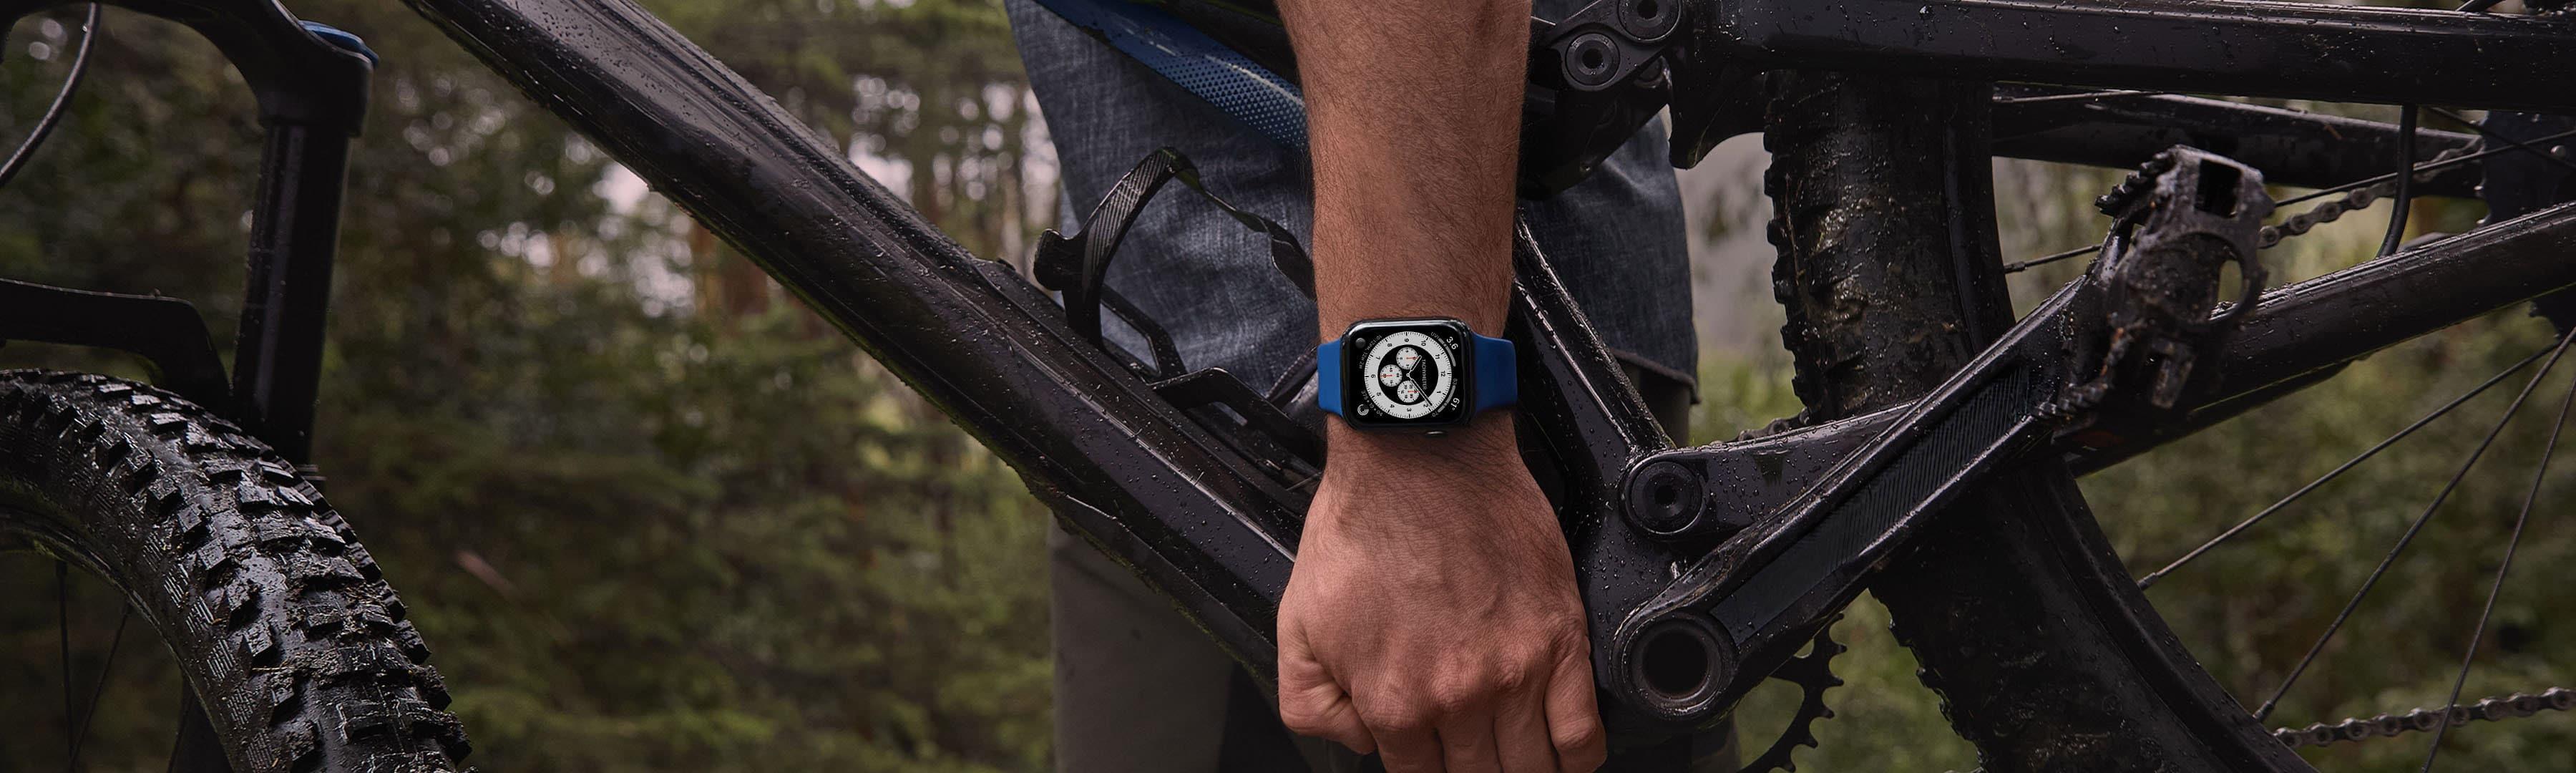 Homem segurando uma bicicleta com o Apple Watch no pulso